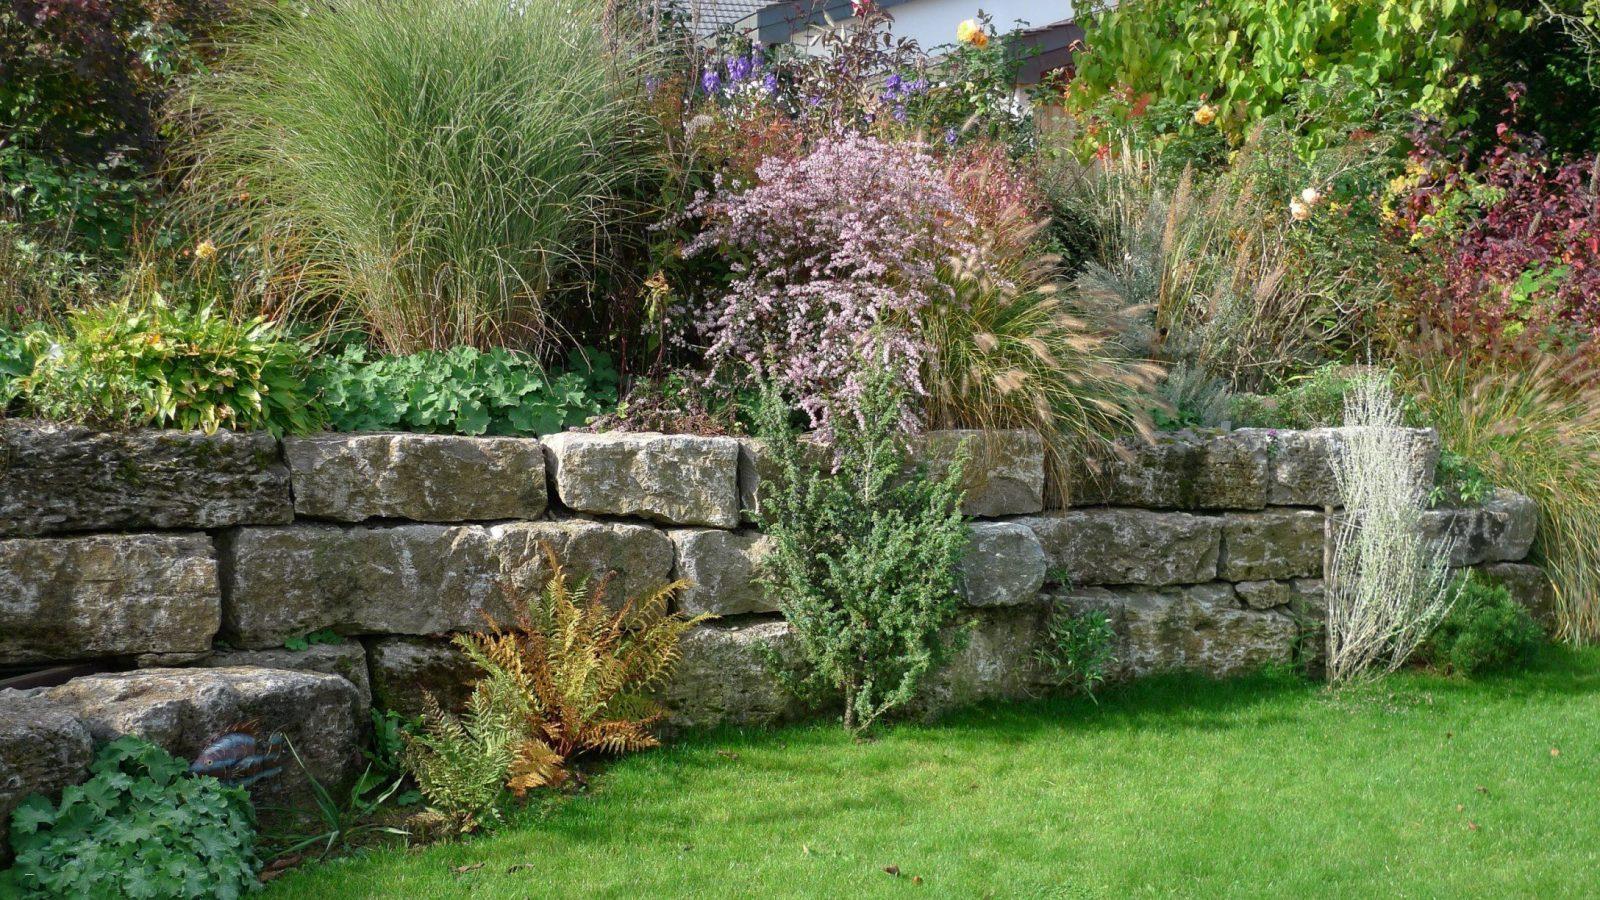 Gartengestaltung Ideen Mit Steinen Inspirierend Gartengestaltung von Gartengestaltung Ideen Mit Steinen Bild